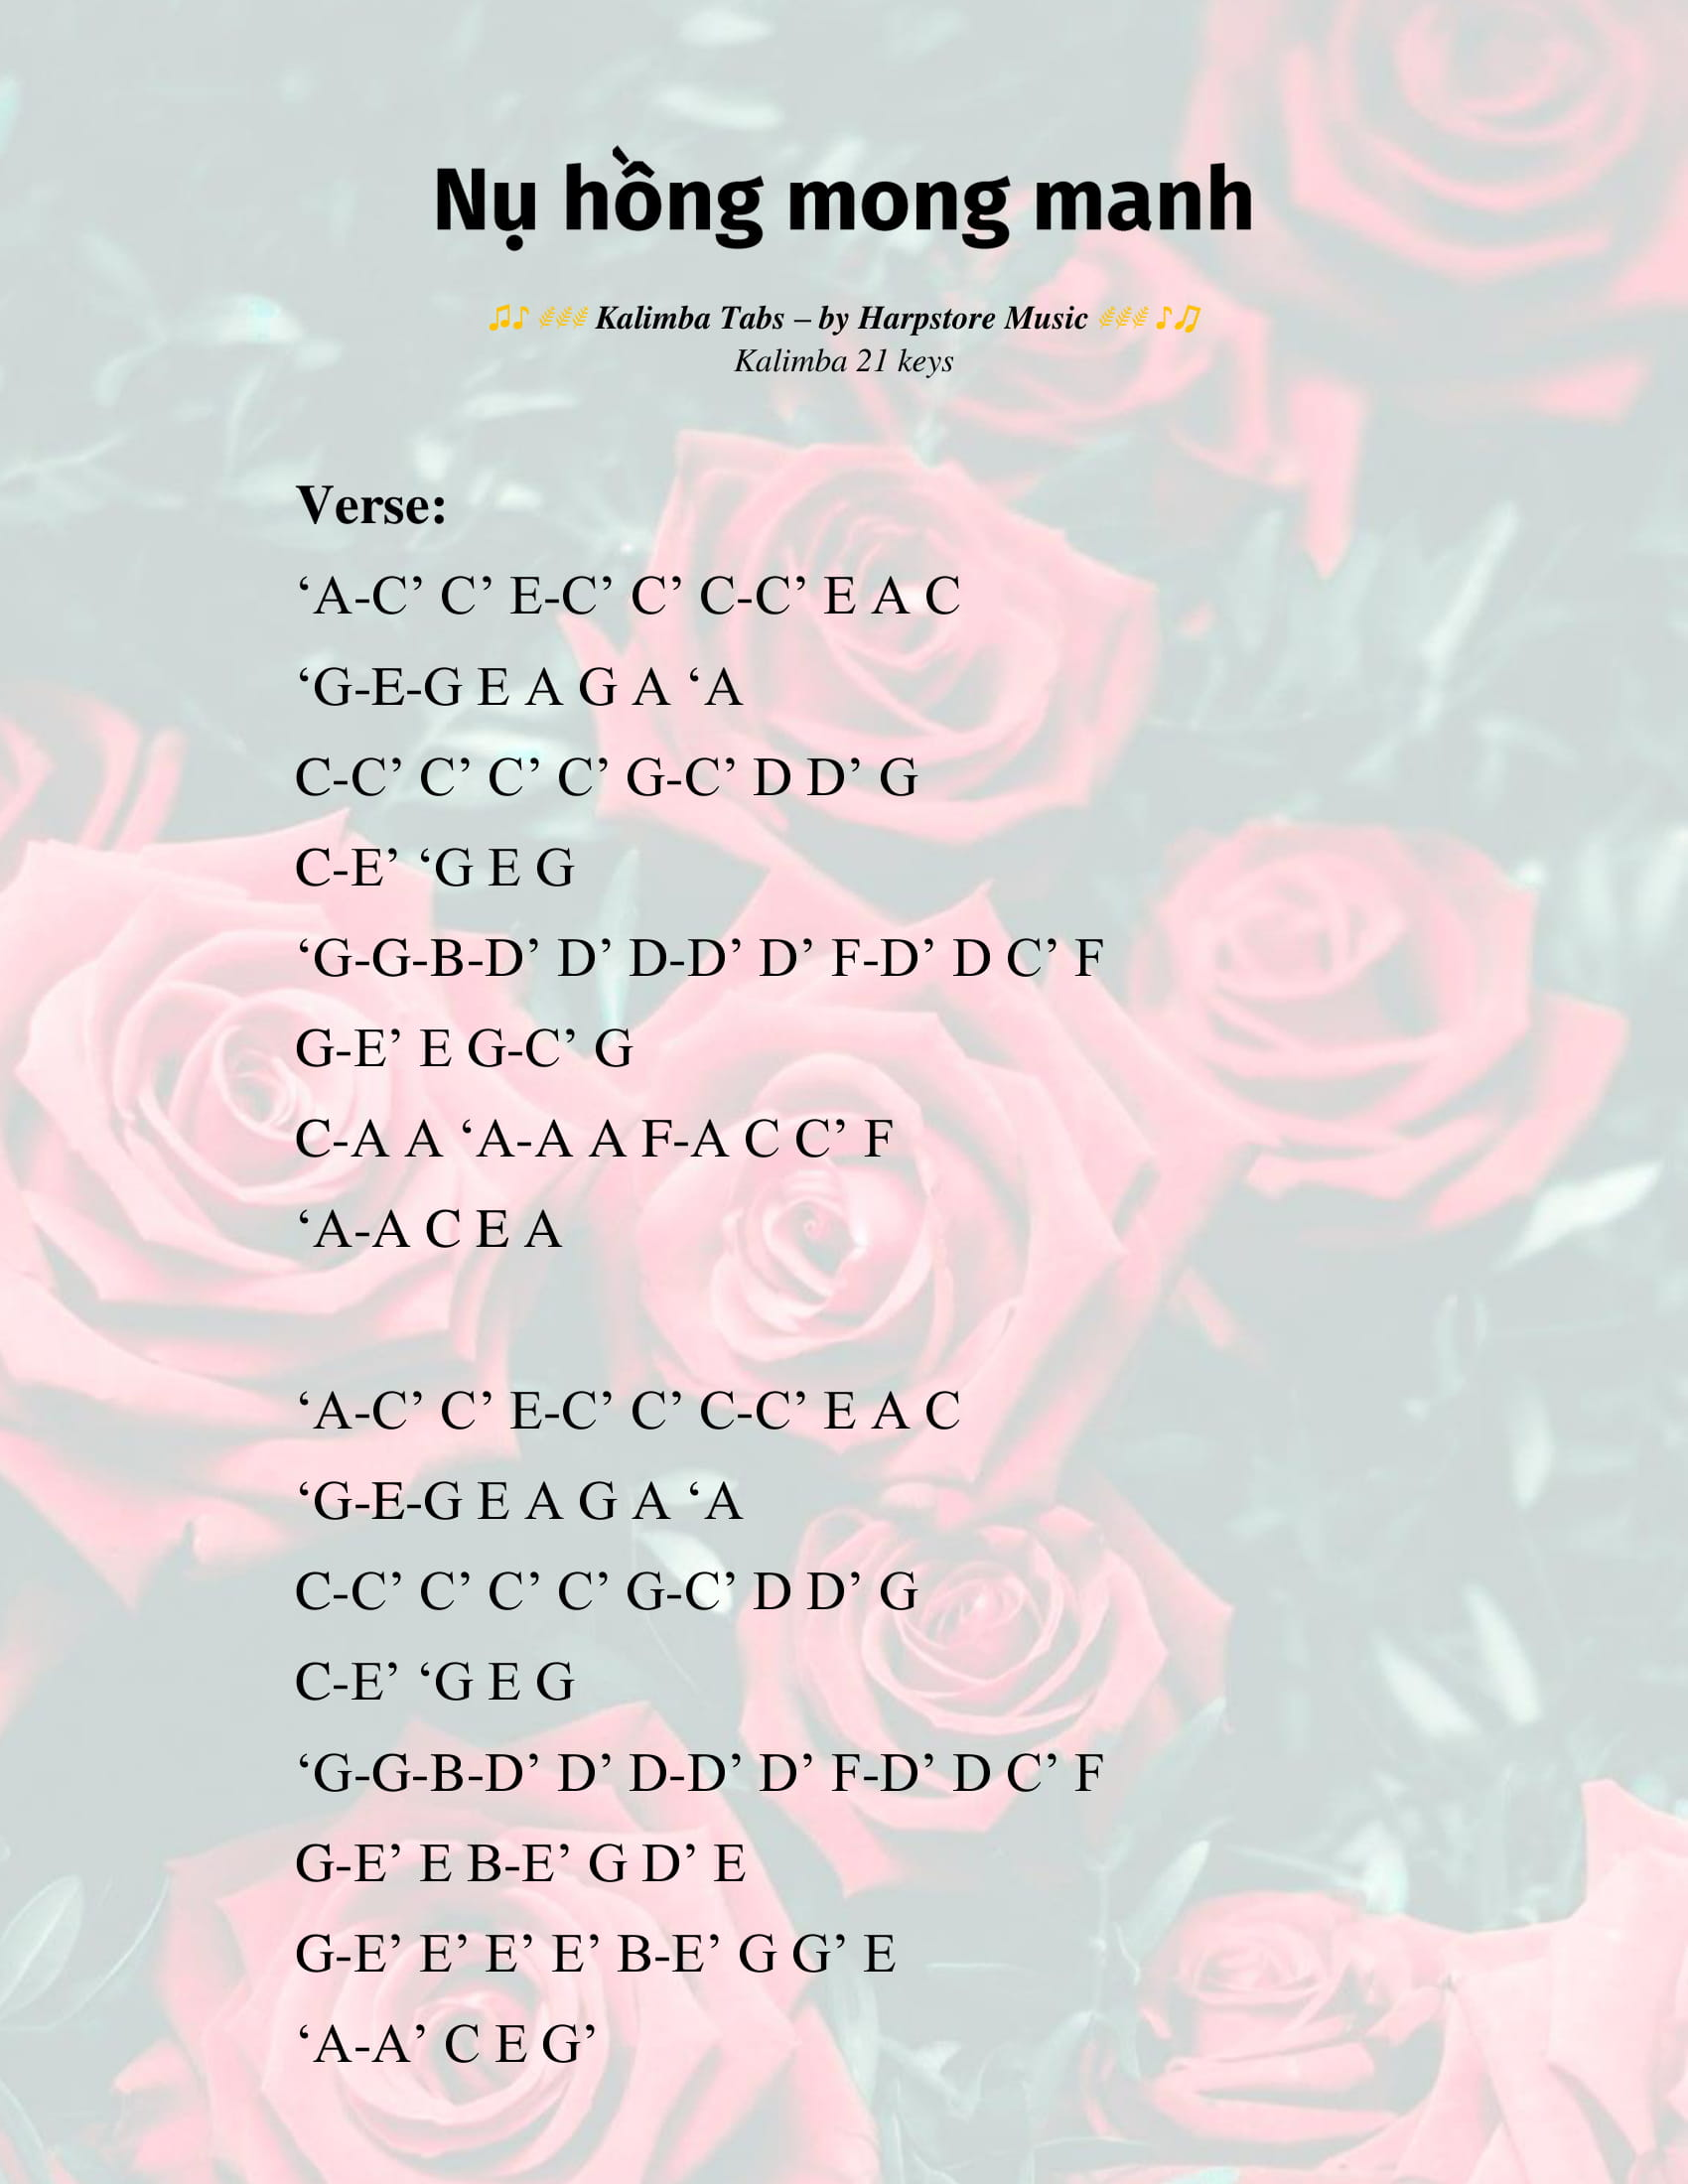 nụ hồng mong manh kalimba tab 1